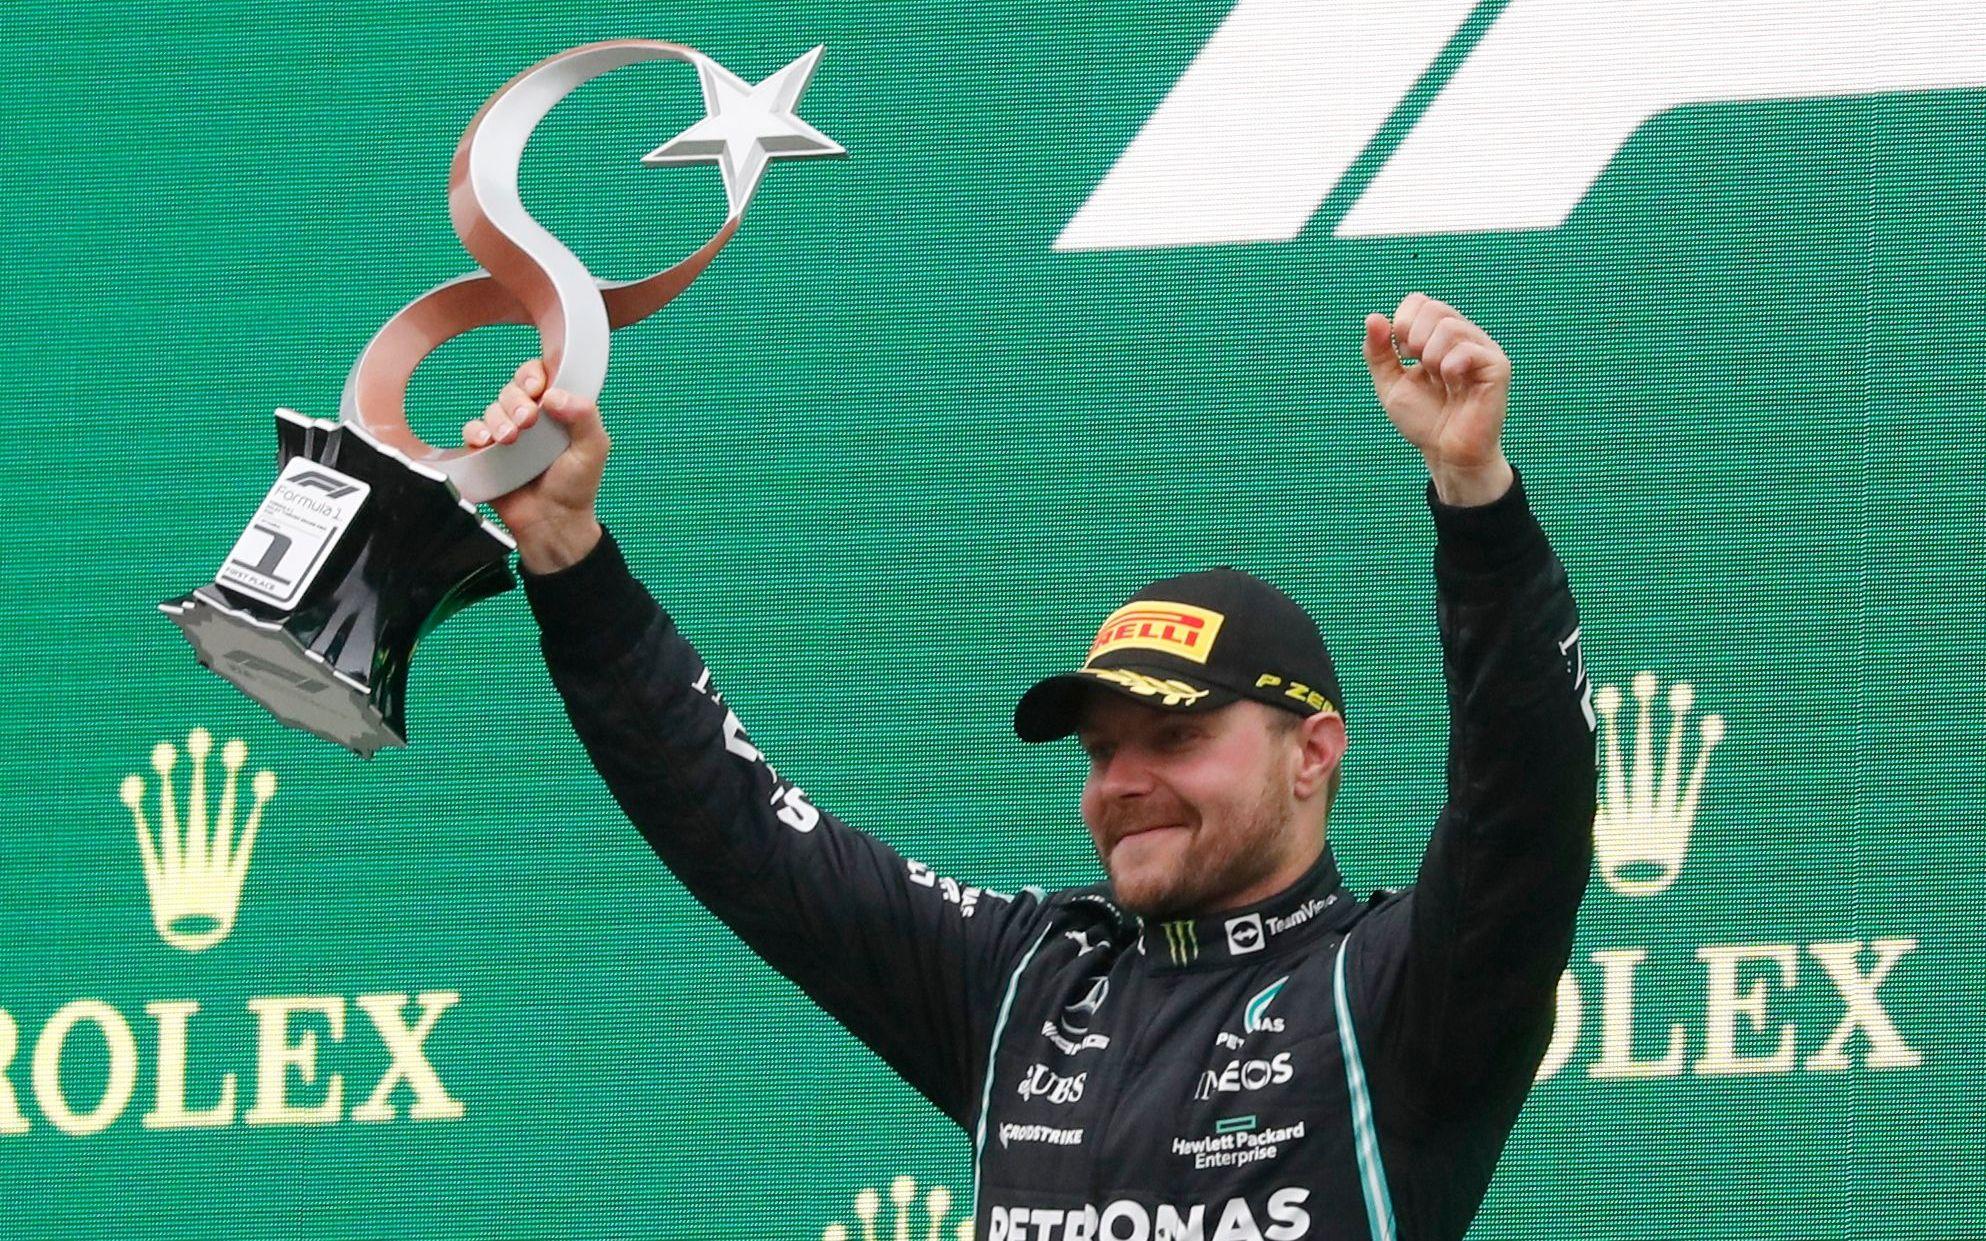 博塔斯赛季首冠 维斯塔潘反超汉密尔顿再度领跑